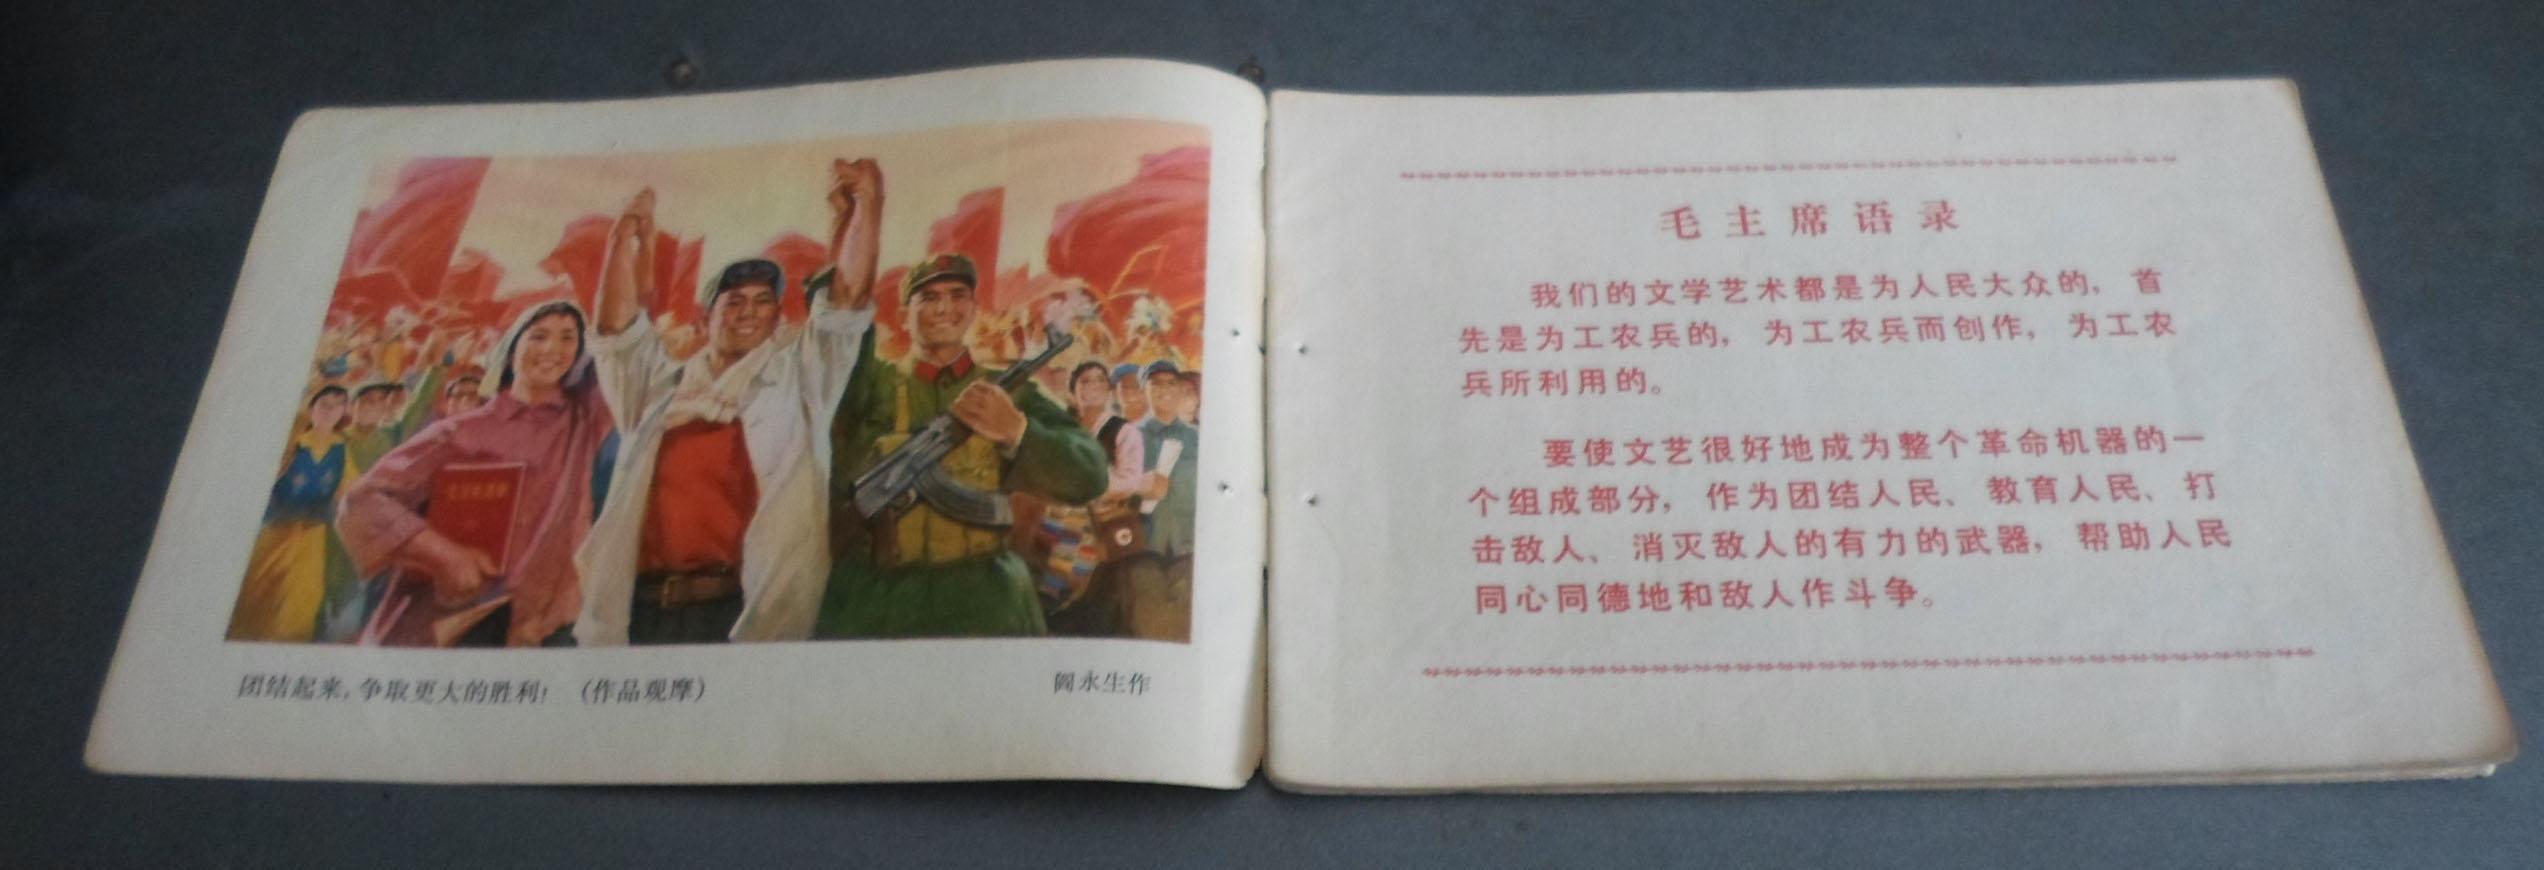 【图】美术 上海市小学课本·五年级第一学期图片